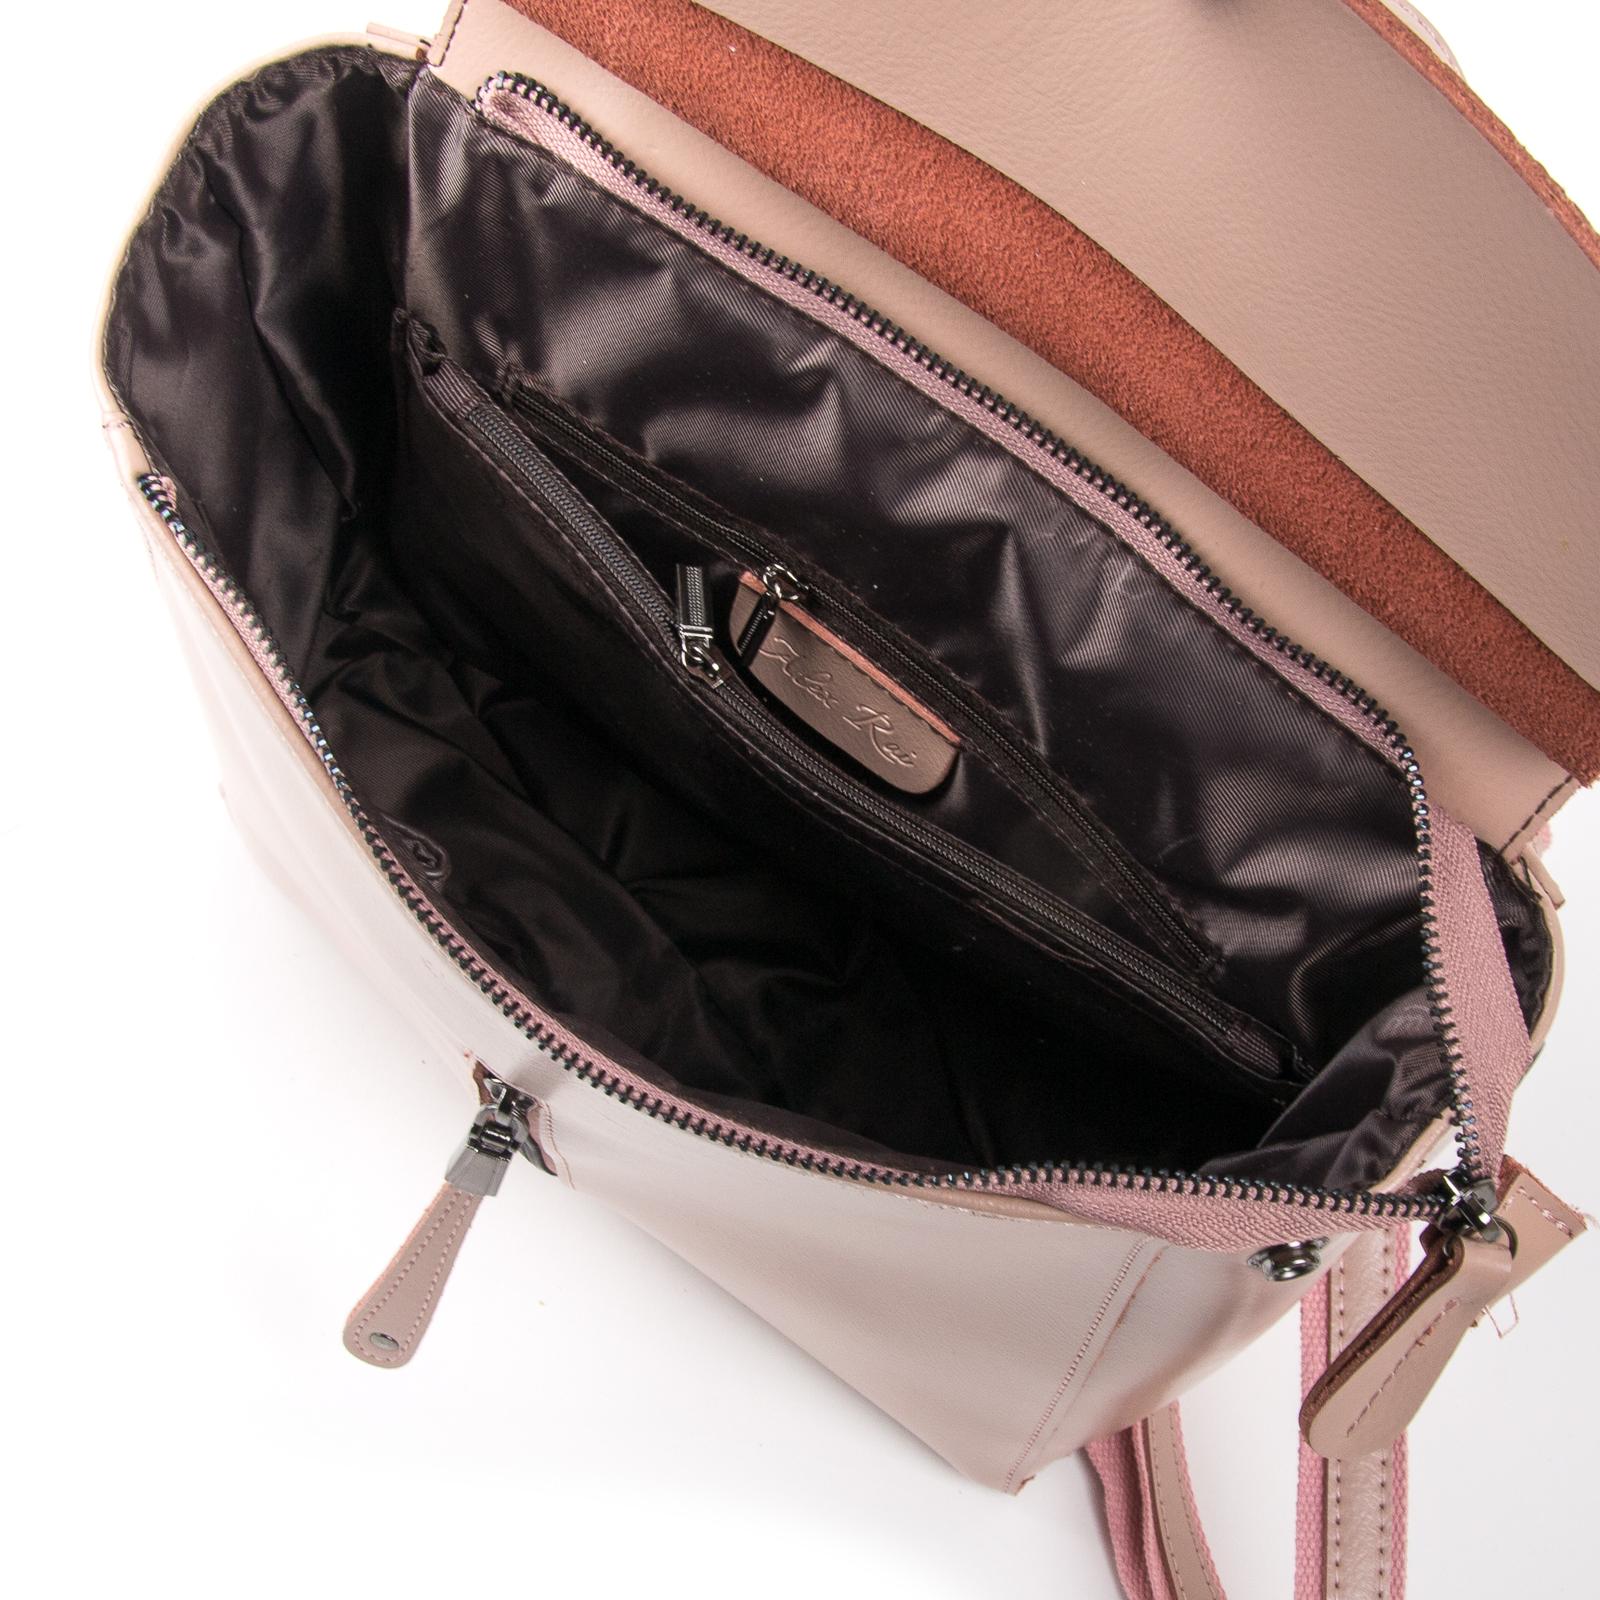 Сумка Женская Классическая кожа ALEX RAI 03-01 3206 pink - фото 5